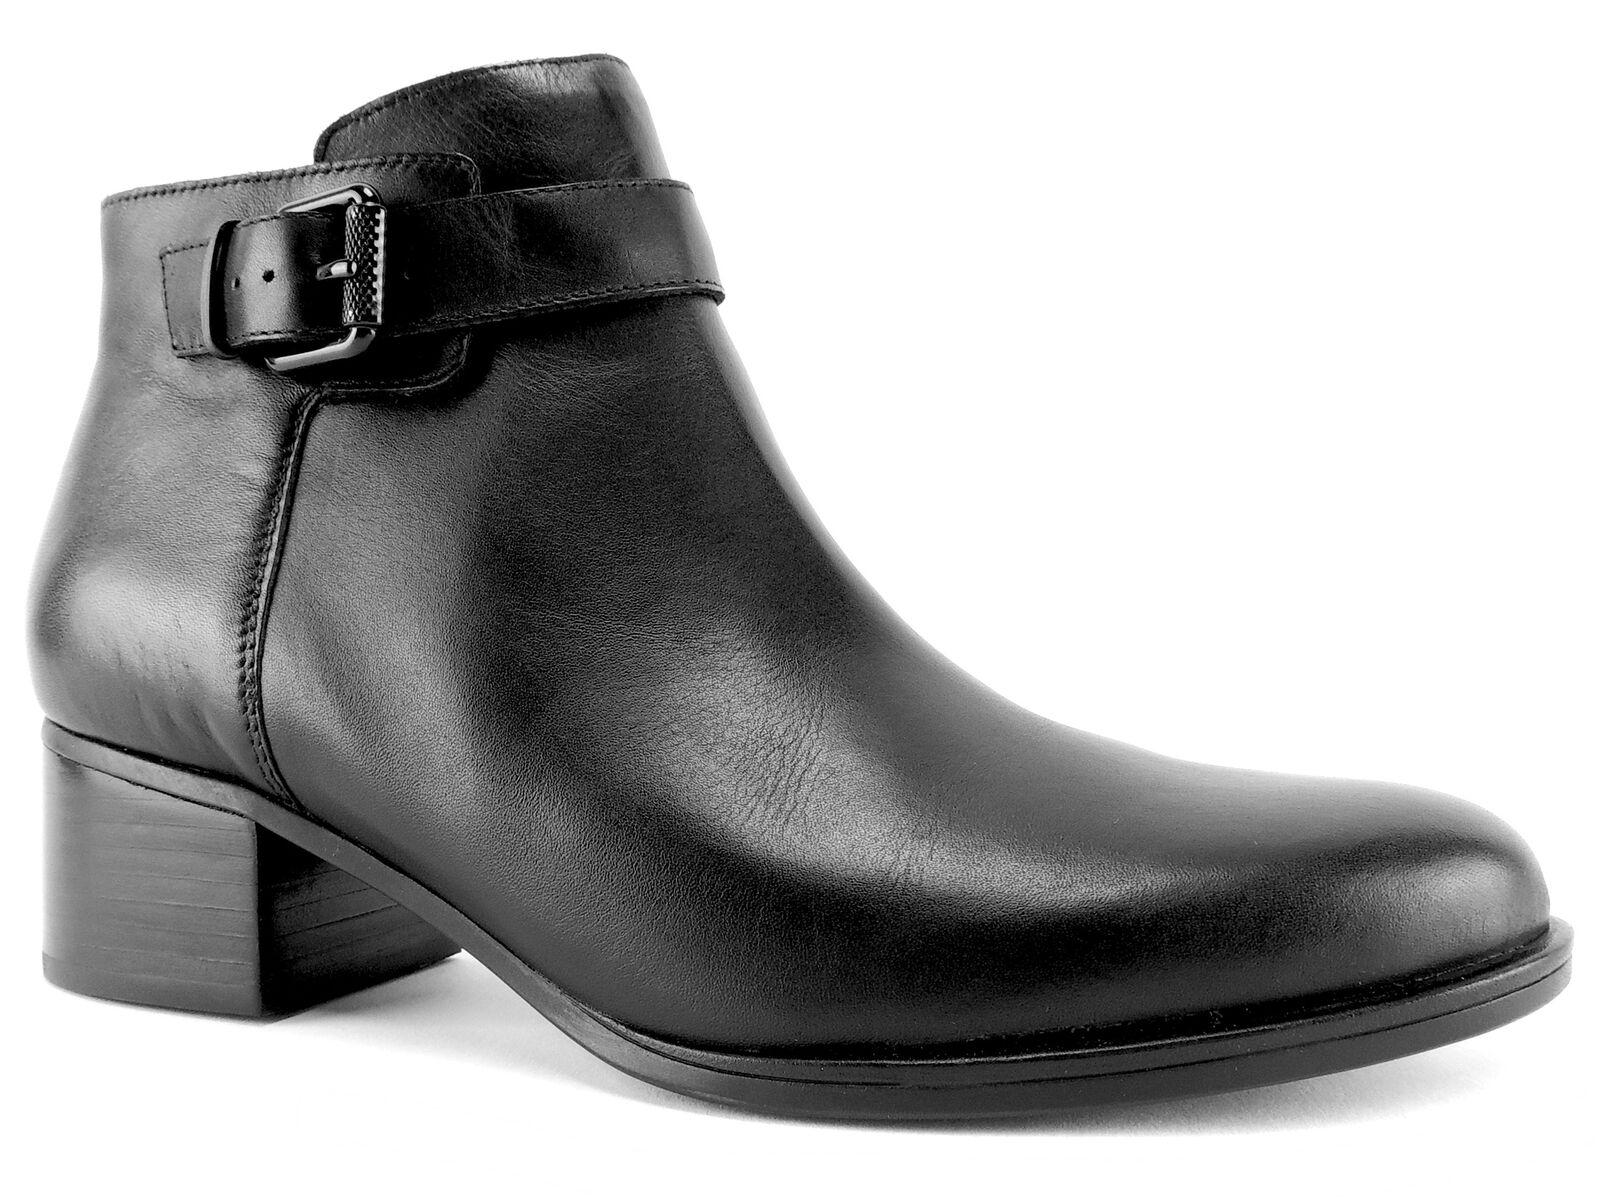 la migliore offerta del negozio online Naturalizer Donna  Dora avvioies nero nero nero Leather Dimensione 8.5 M  in vendita